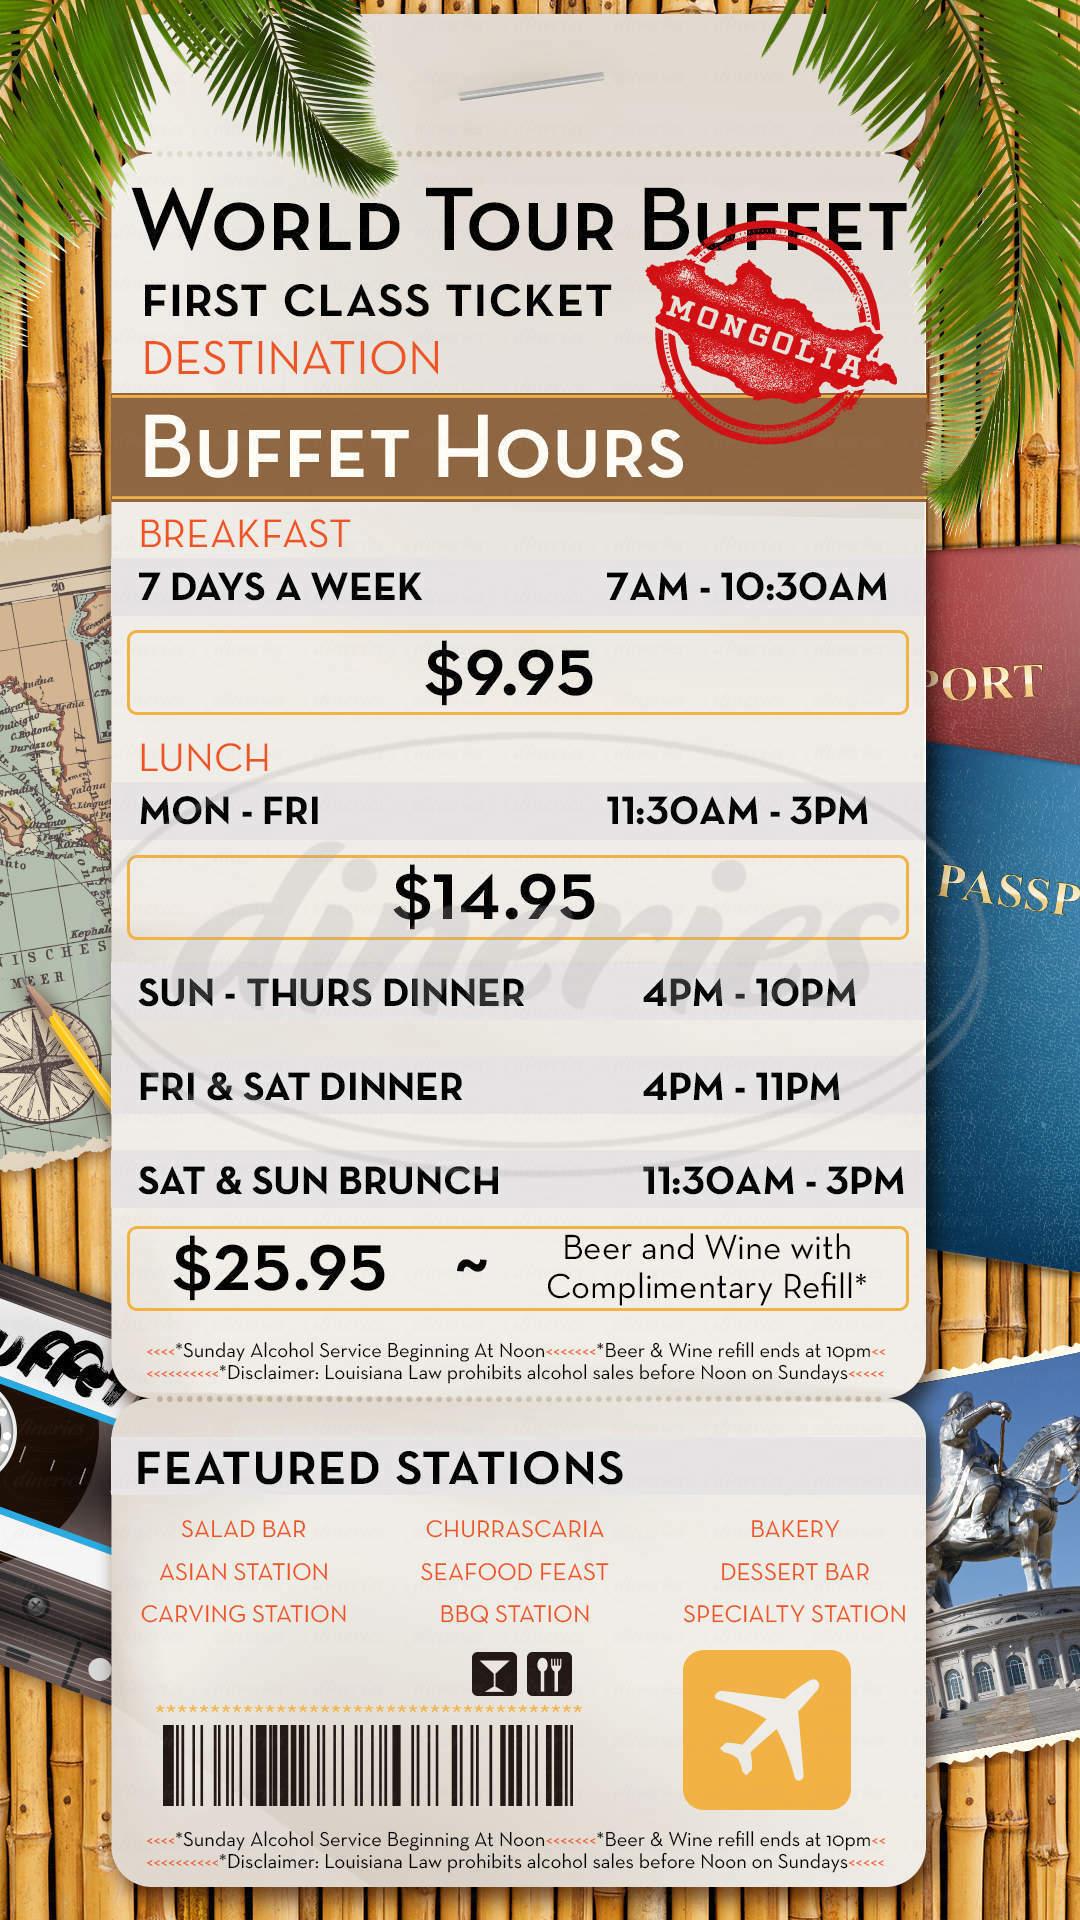 menu for Margaritaville World Tour Buffet